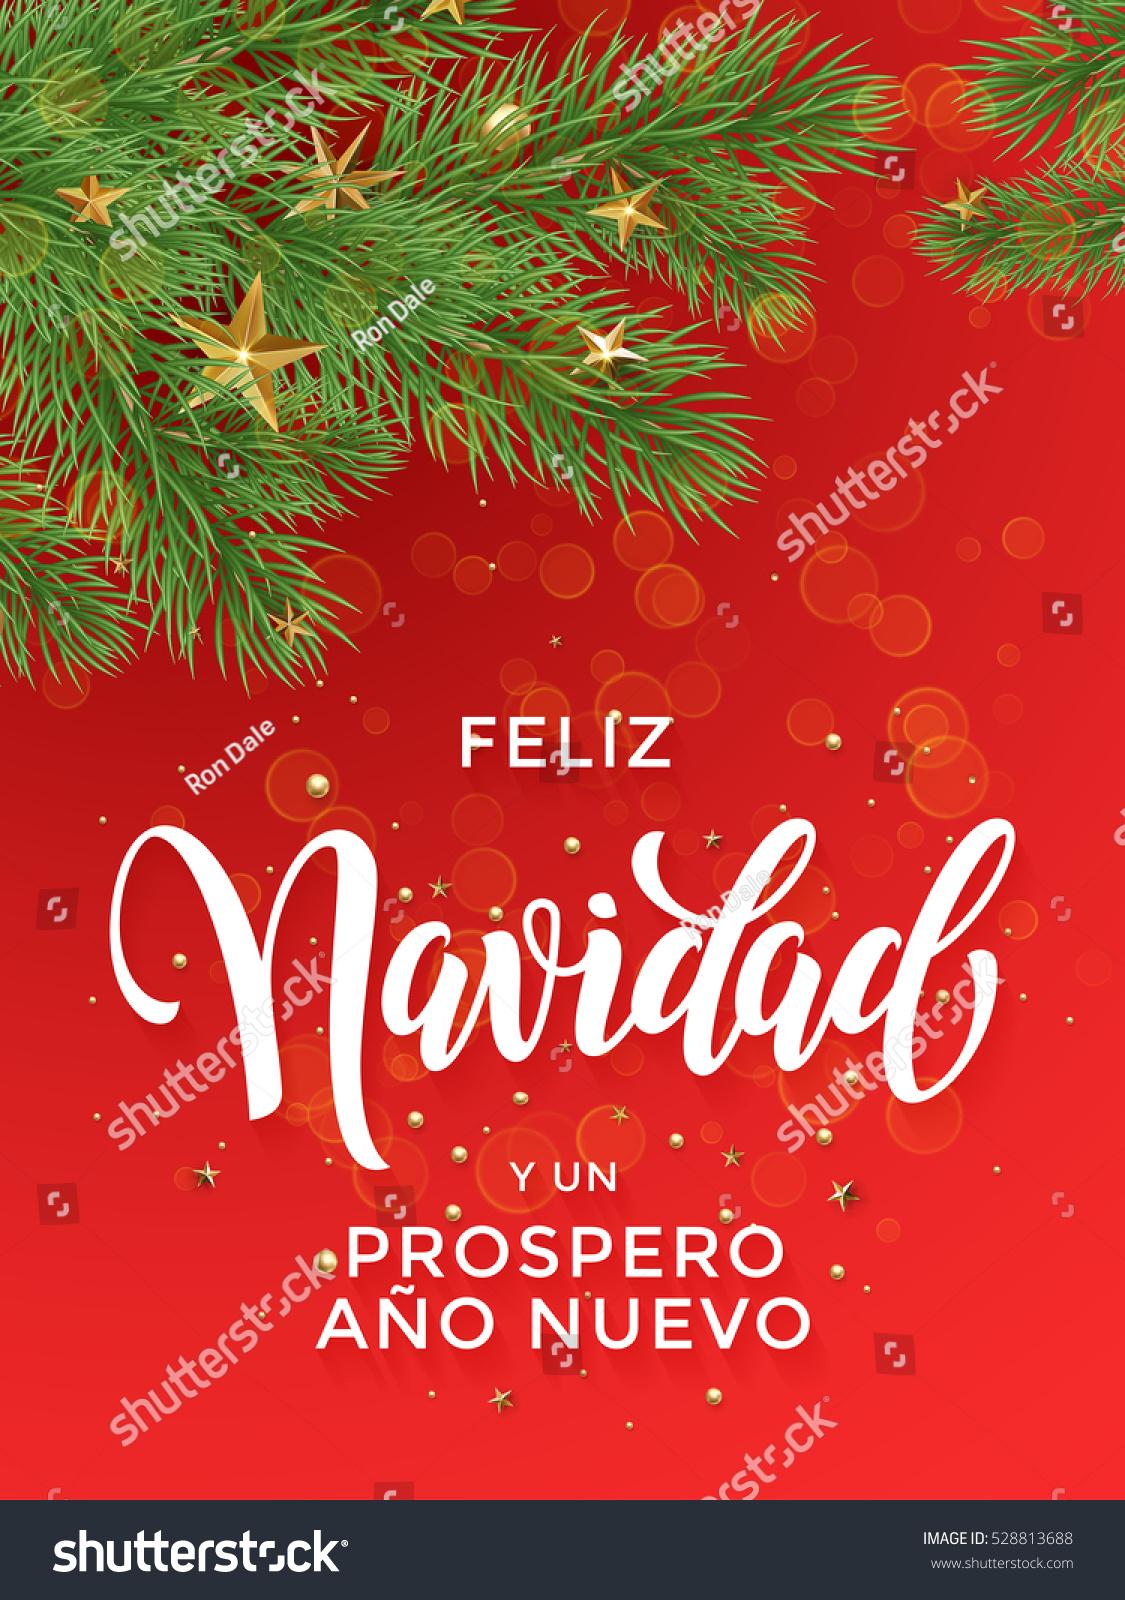 Feliz Navidad Y Prospero Ano Nuovo Stock Vector 2018 528813688